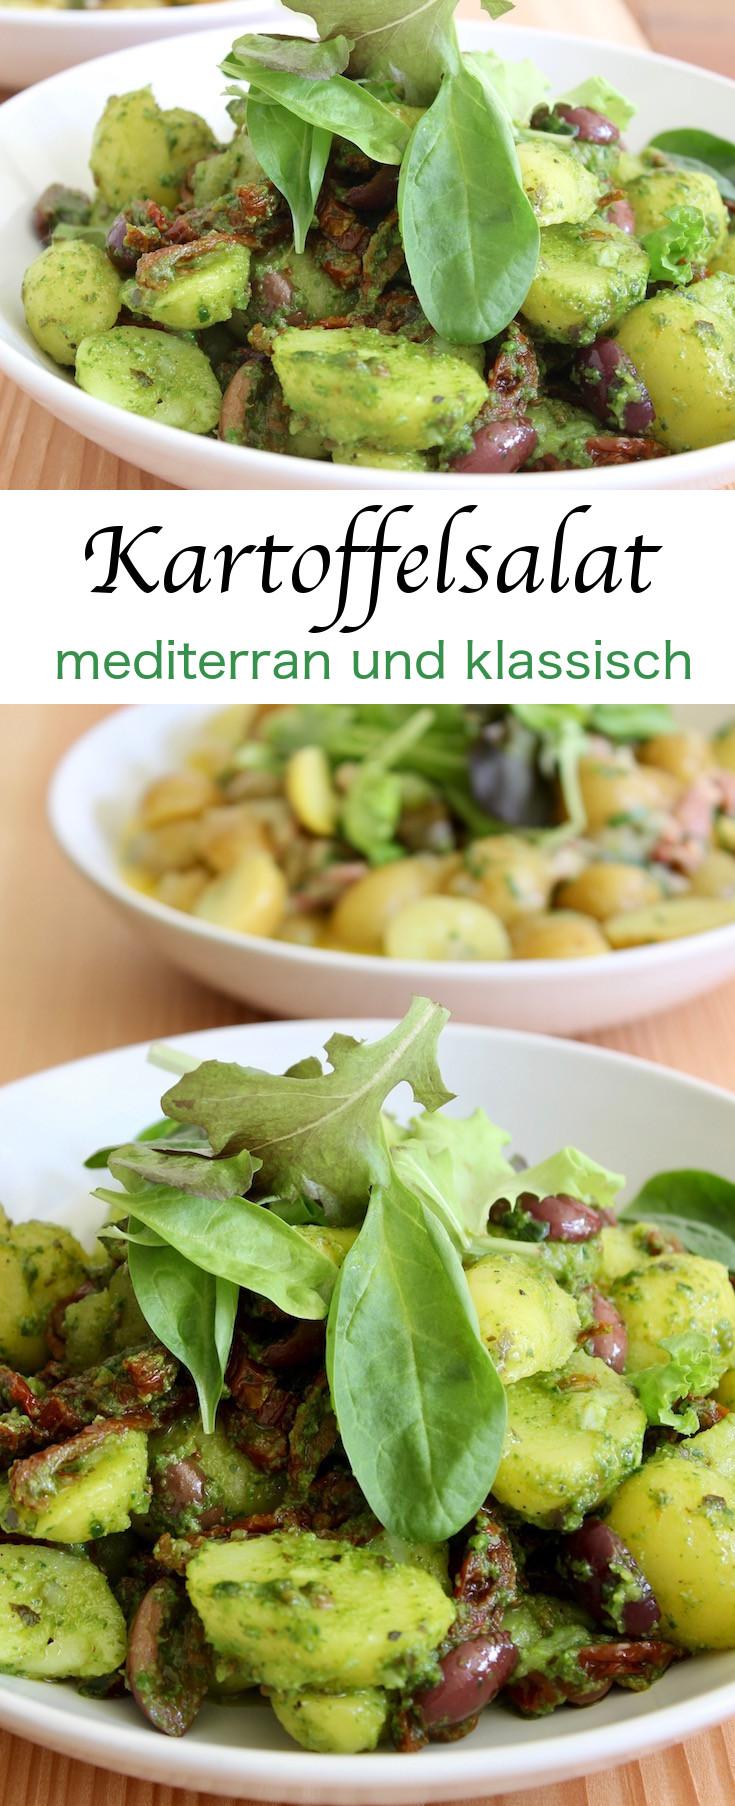 Kartoffelsalat - die perfekte Beilage zum Grillen